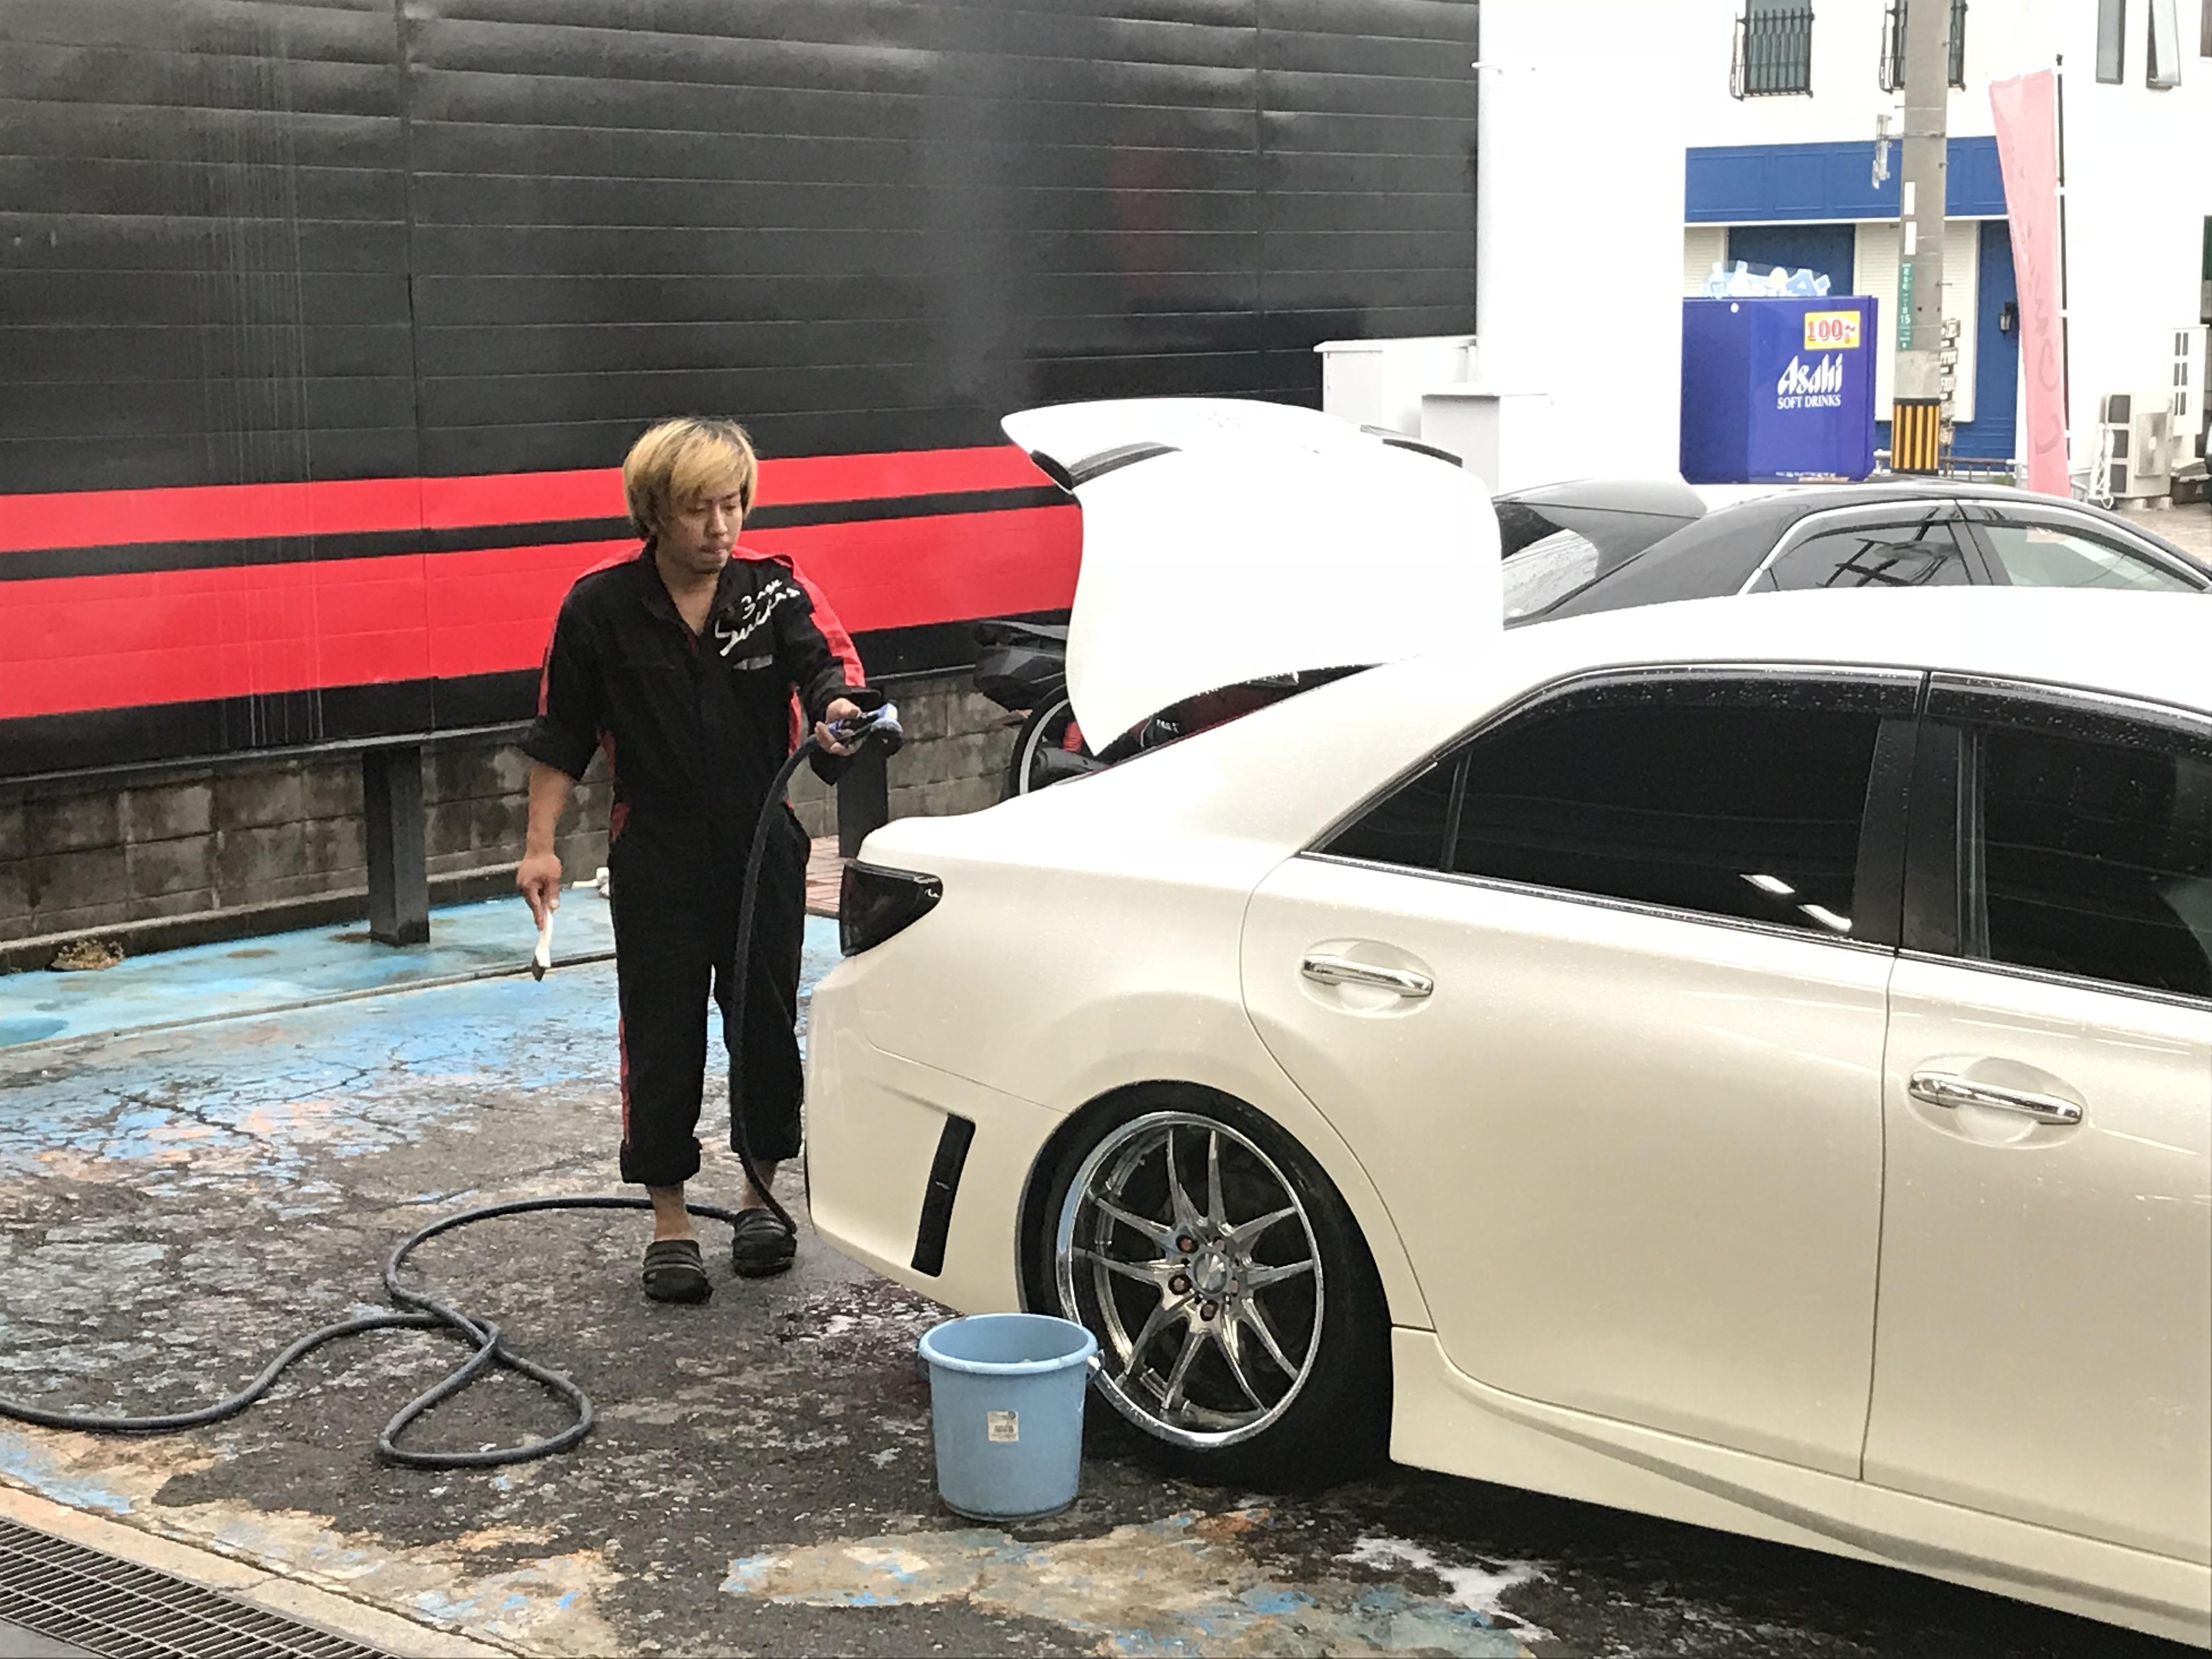 GarageSuccess 高槻店 マークX専門店 からシンちゃん 6月23日